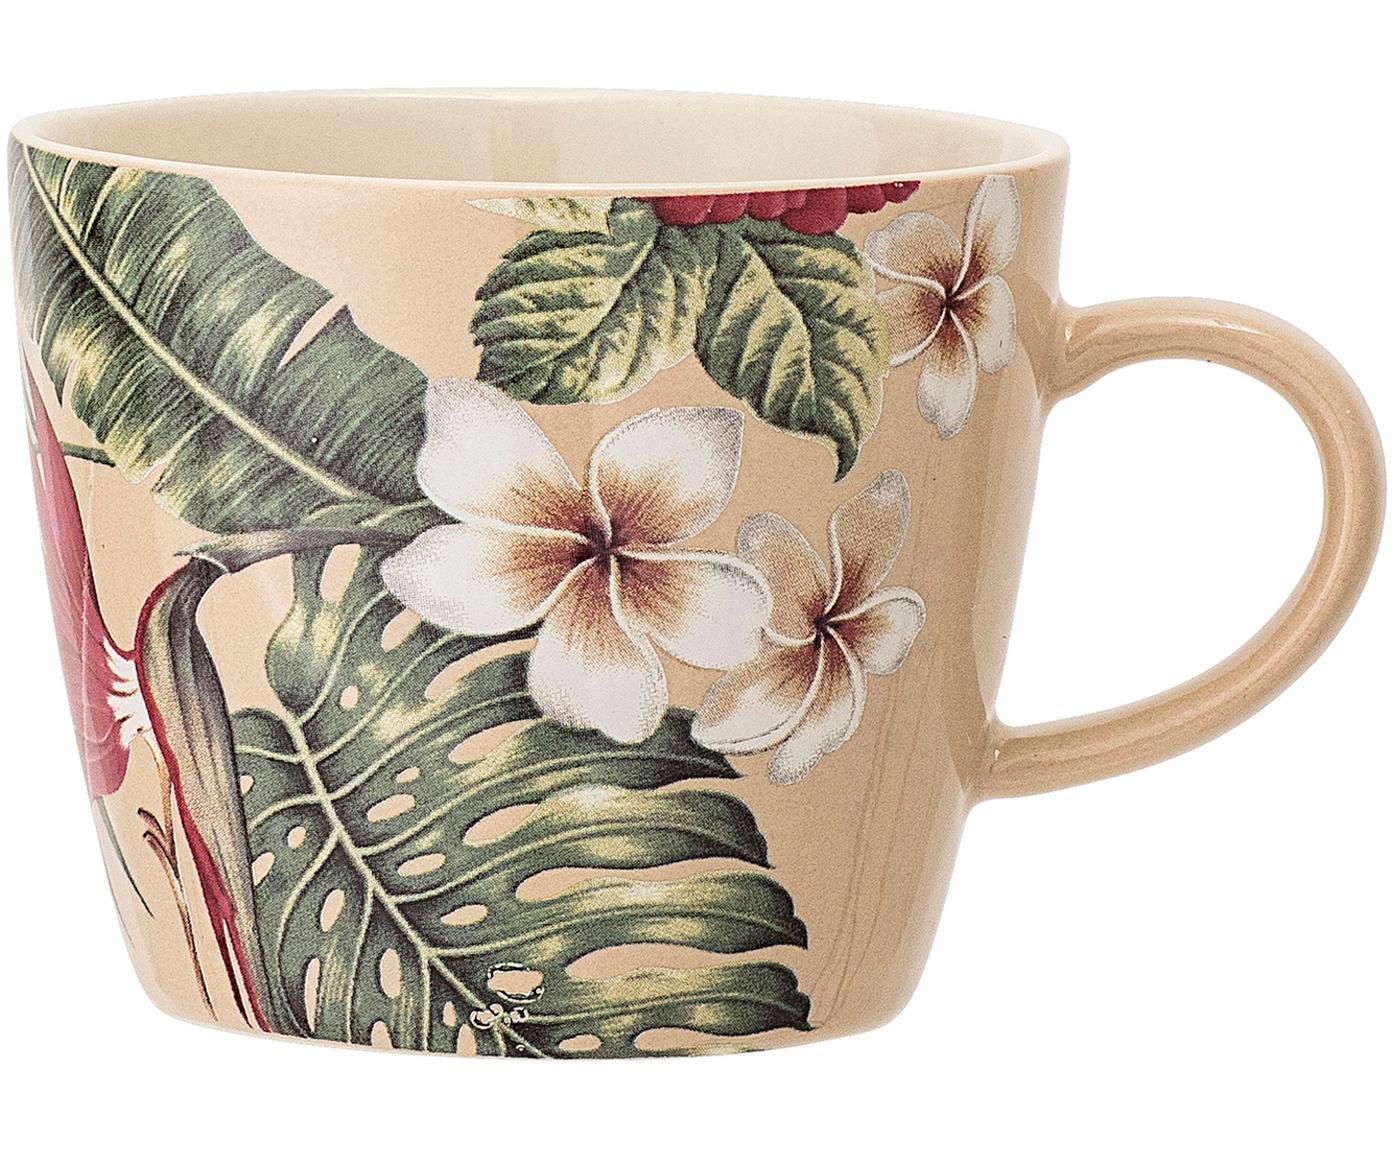 Tazza da caffè con motivo tropicale Aruba 2 pz, Terracotta, Bianco crema, verde, rosso, Ø 10 x Alt. 8 cm